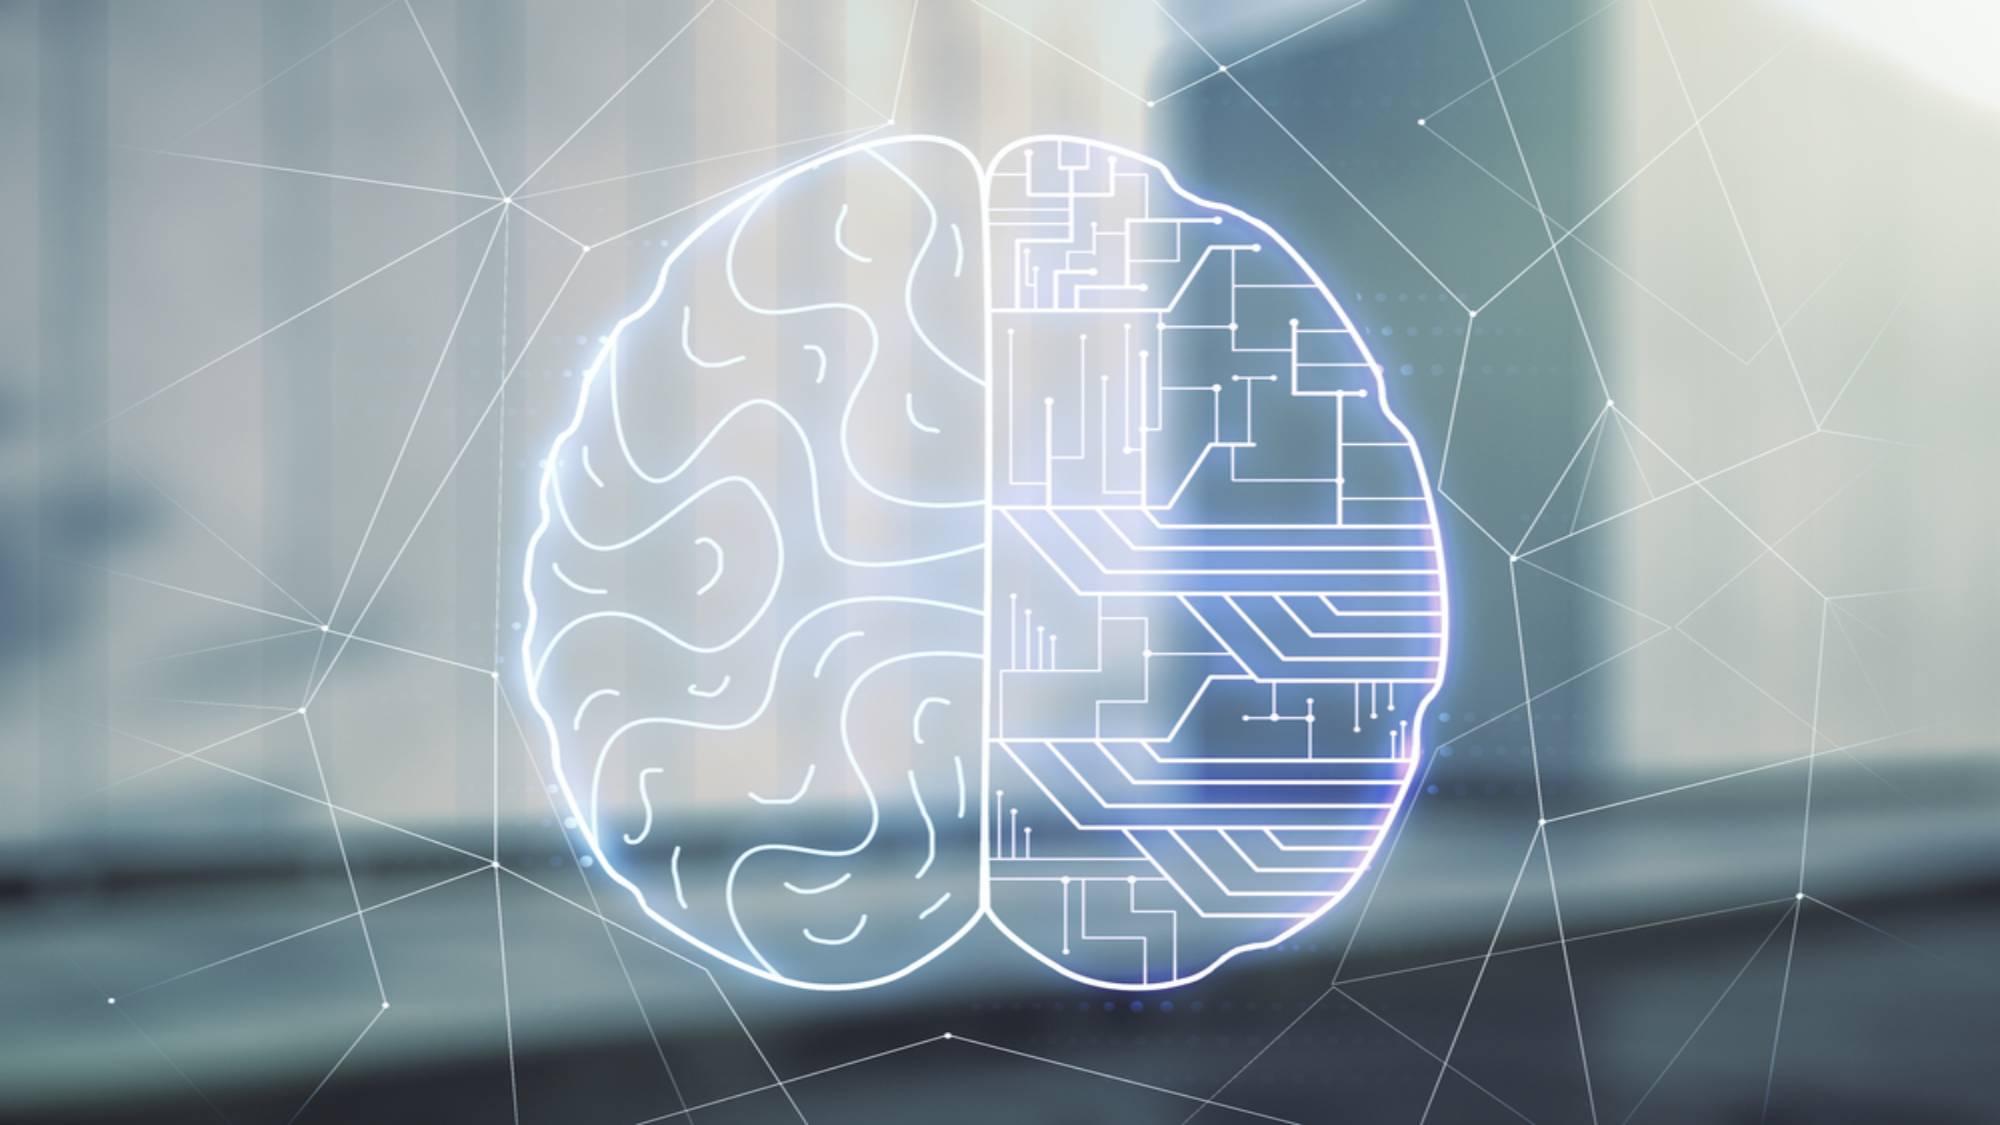 ブレインハック! 脳の仕組みを利用して生産性を上げる方法5選